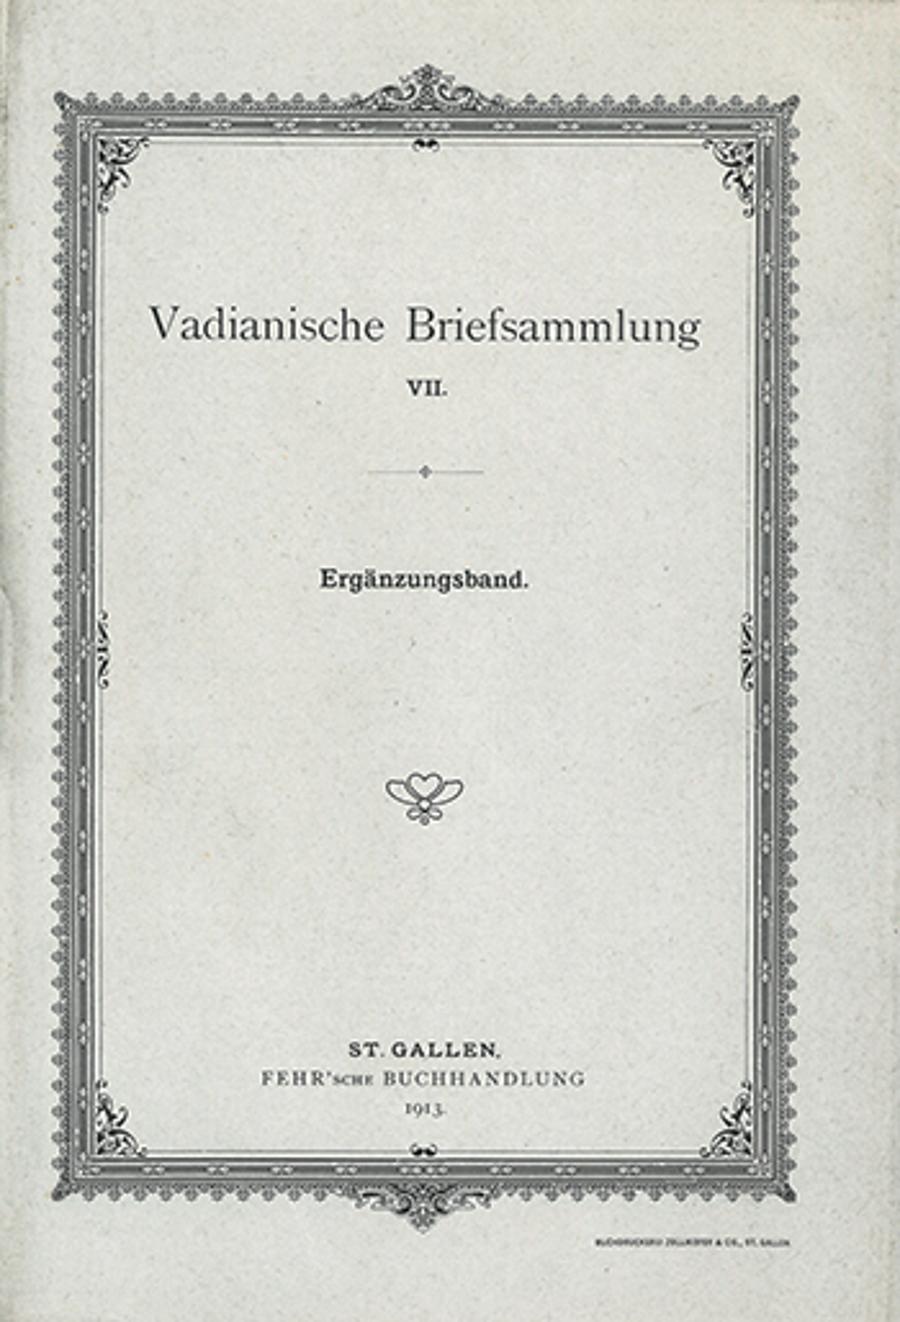 Vadianische Briefsammlung VII.  <p><p>Ergänzungsband.